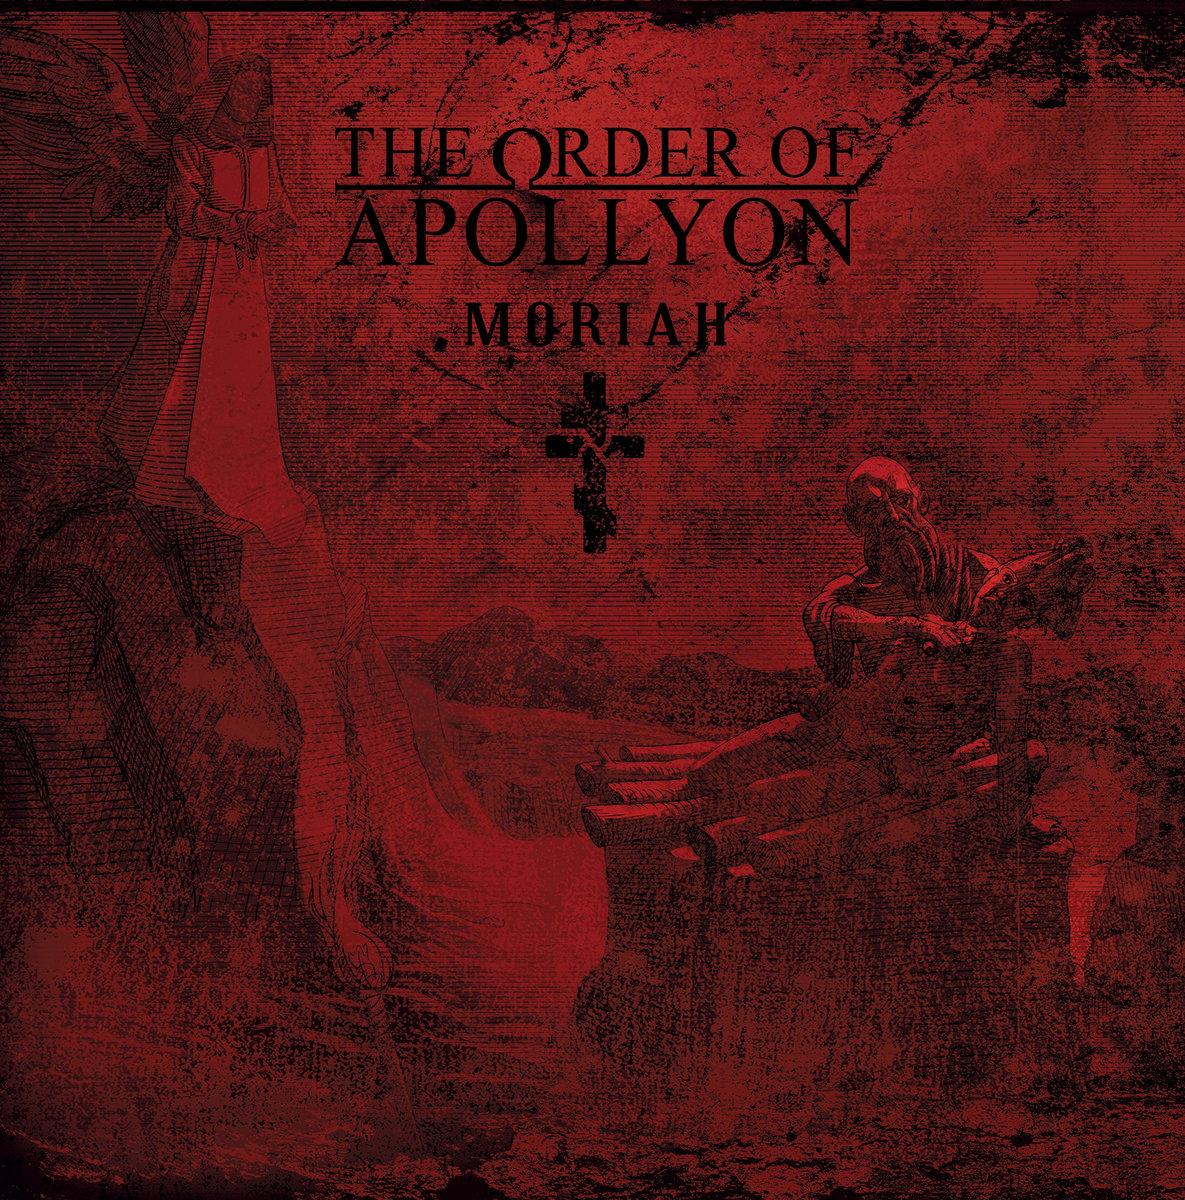 Αποτέλεσμα εικόνας για order of apollyon moriah